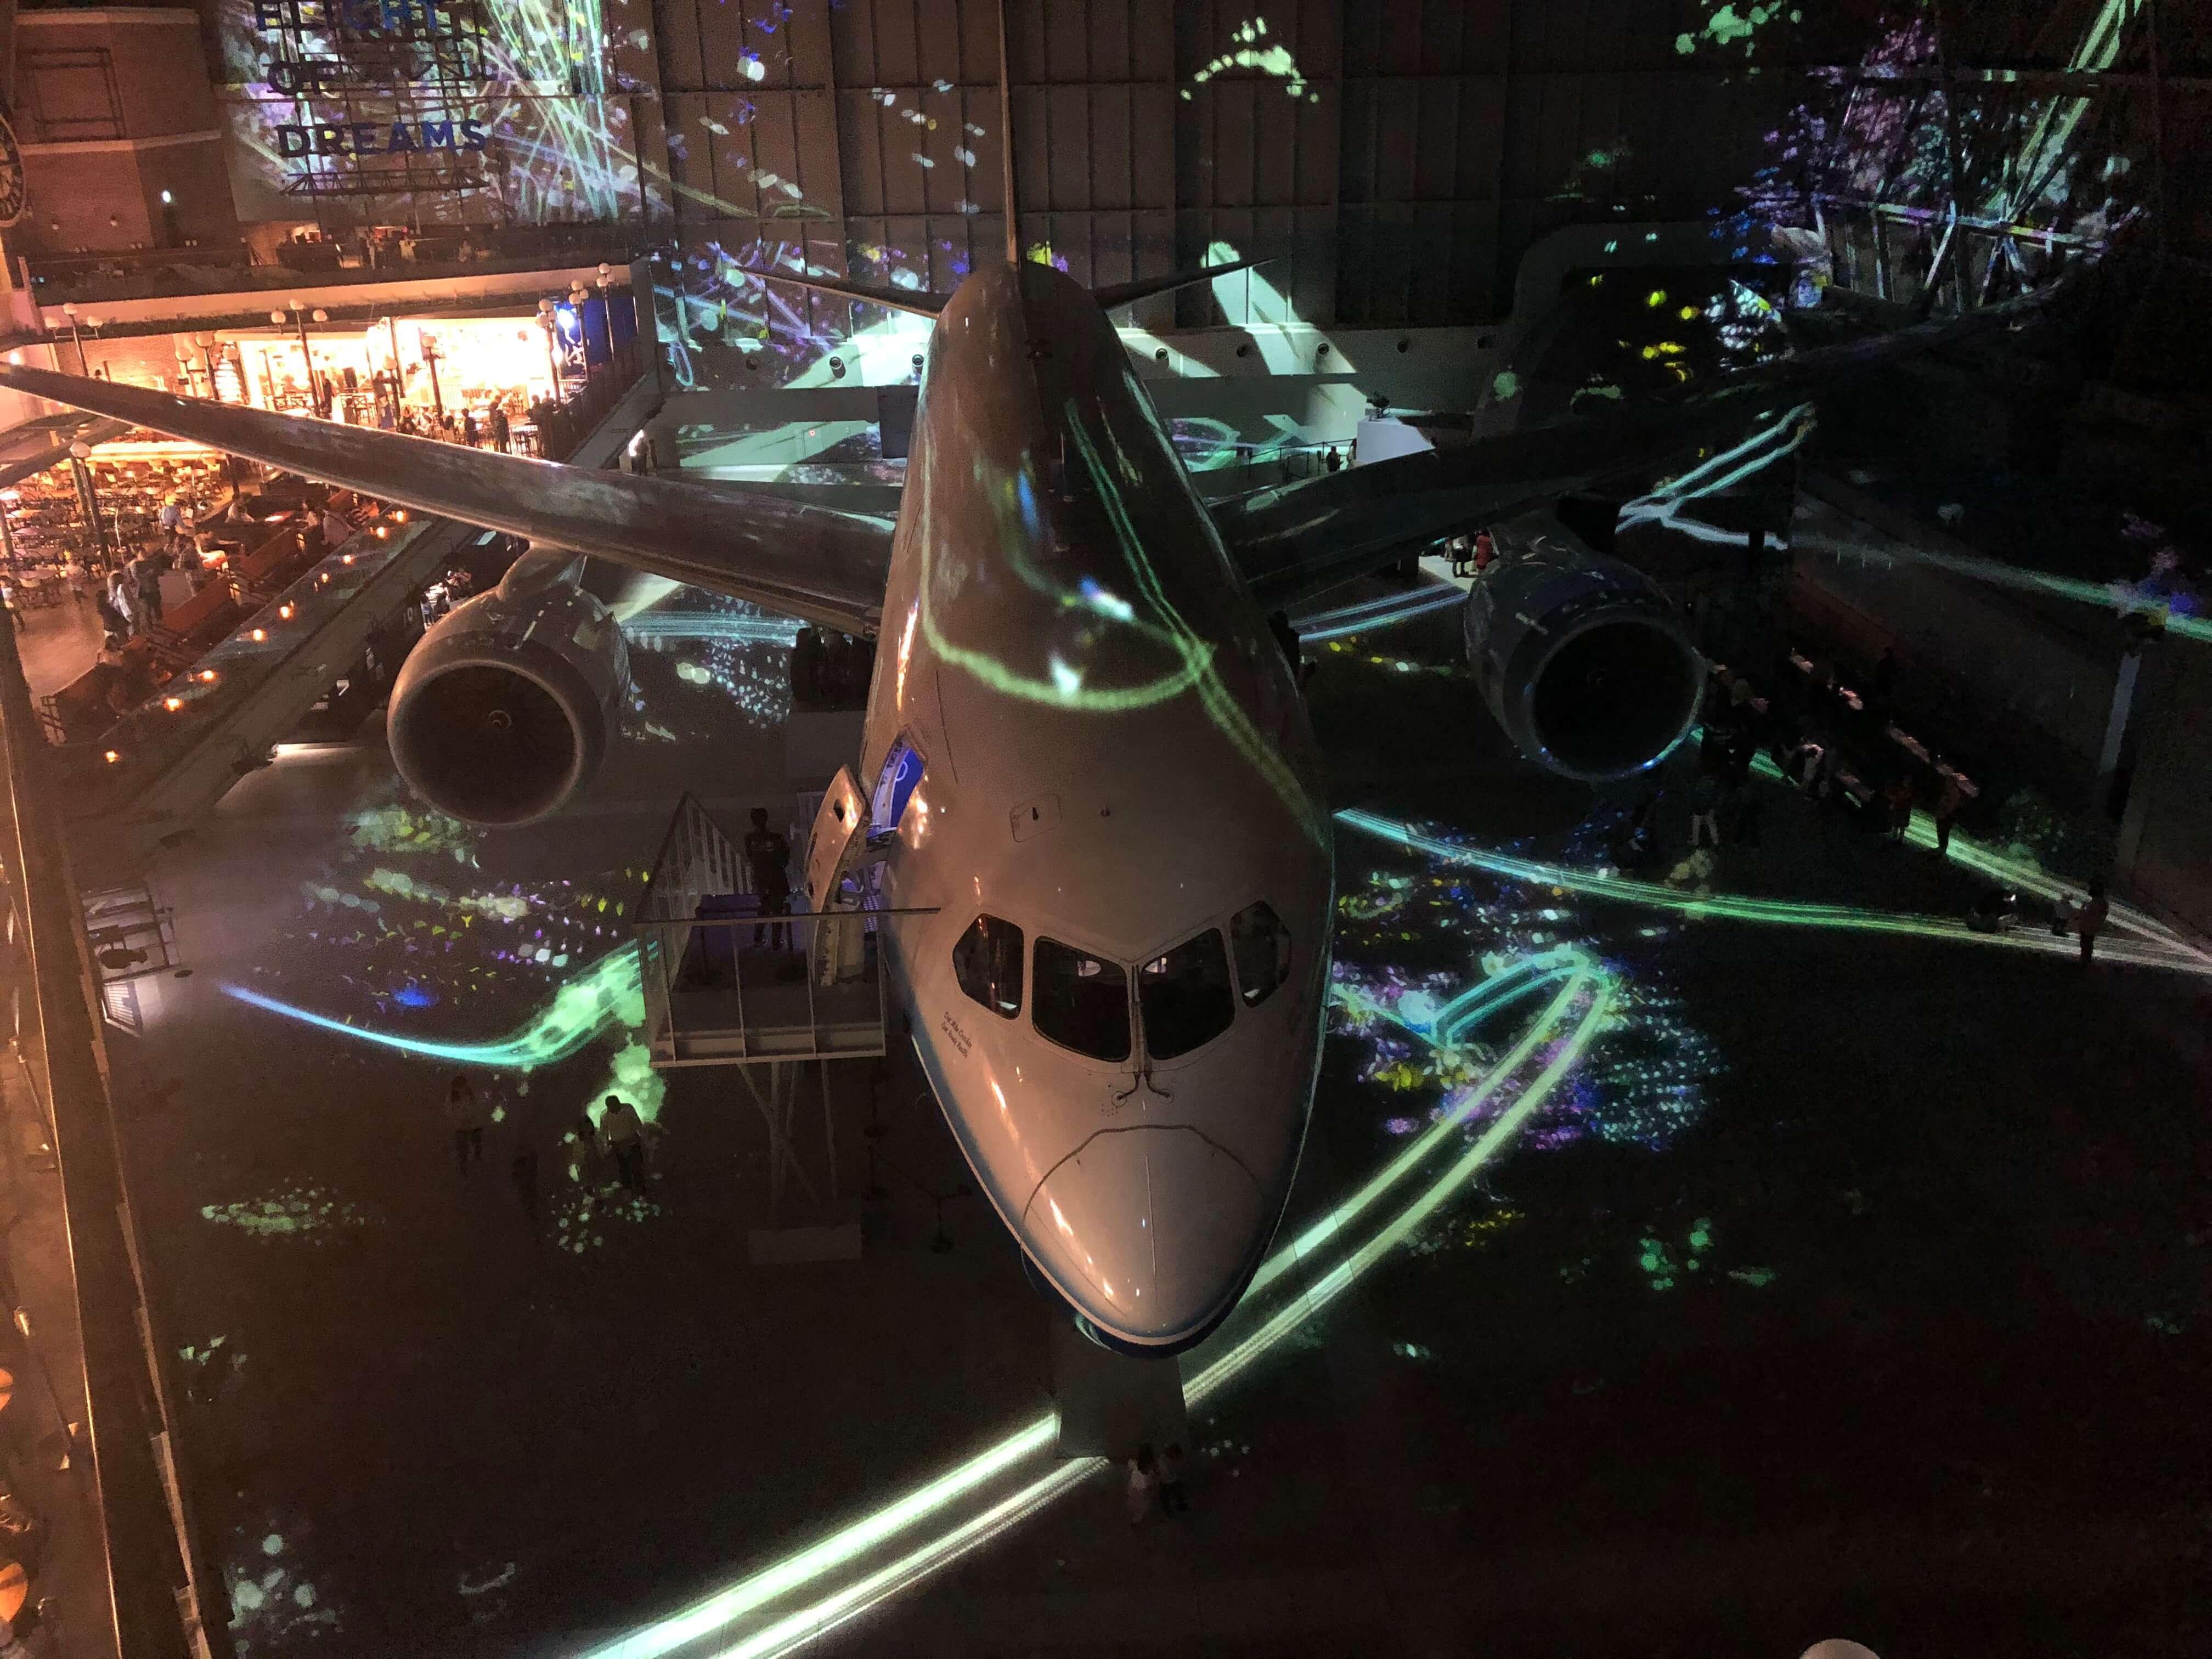 [teamlab & 飛行機⁉︎]シアトル気分が味わえるテーマパーク[中部空港]_1_2-1